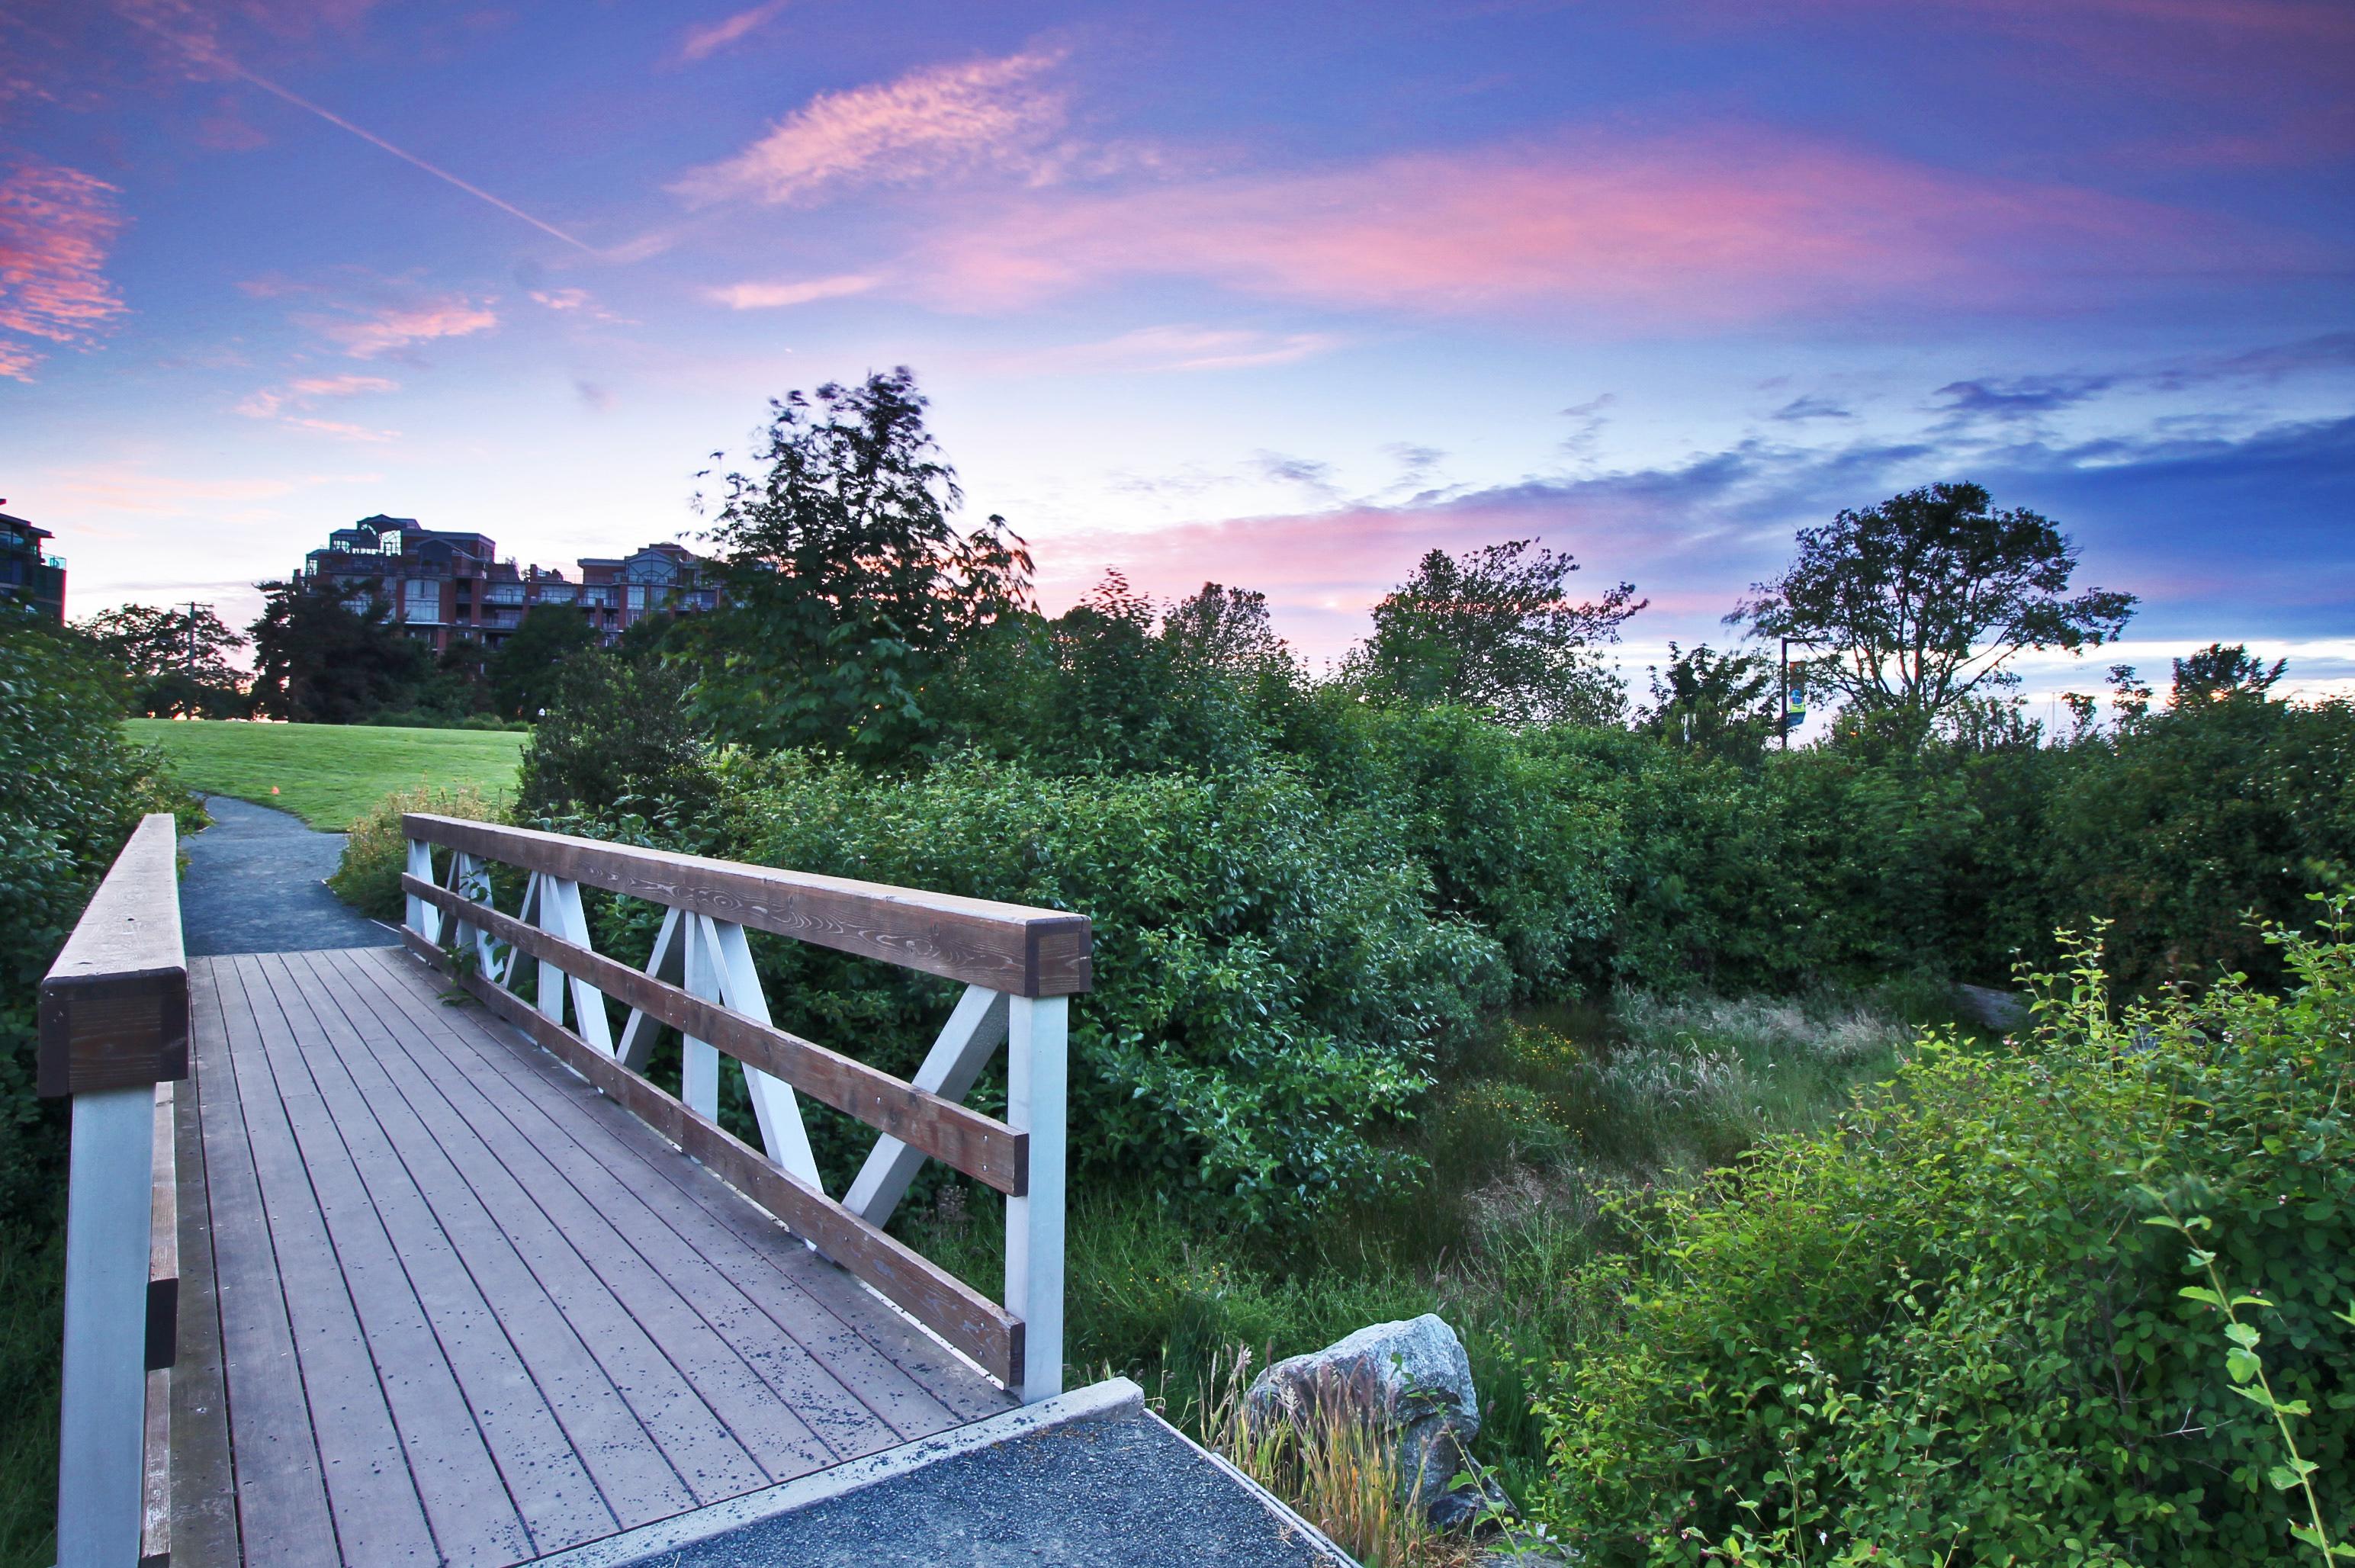 evening-bridgejpg